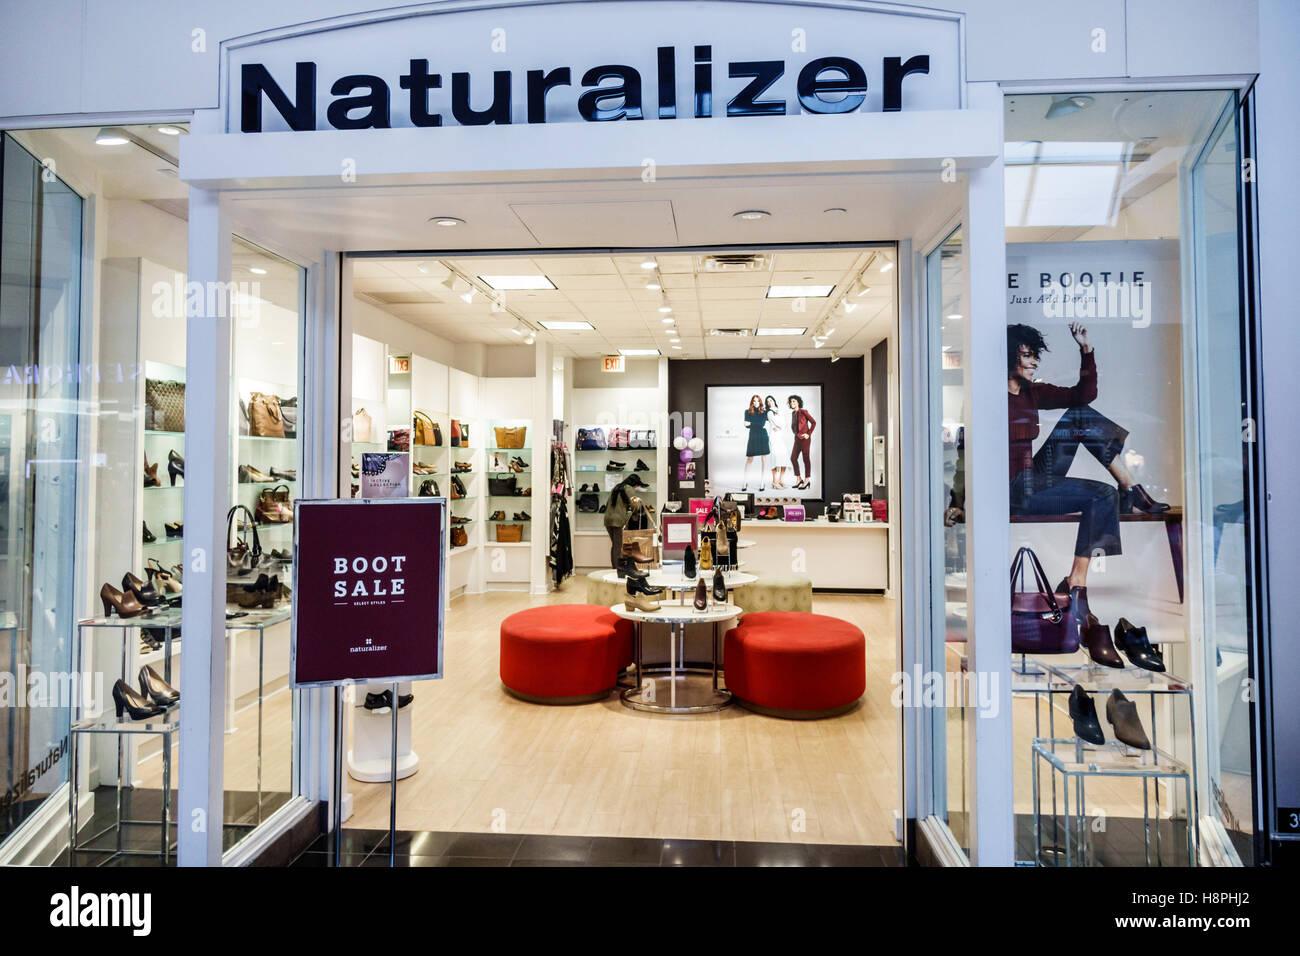 9744d0eadf7a5 Miami Florida International Mall Shopping Naturalizer display vendita scarpe  donna borse ingresso anteriore Immagini Stock